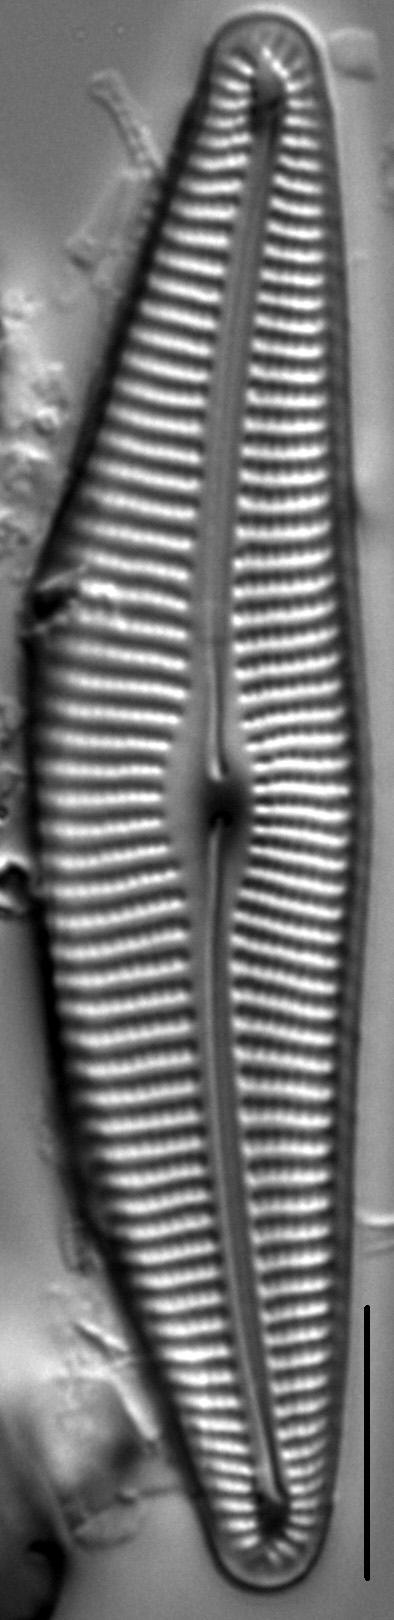 Cymbella Compacta3